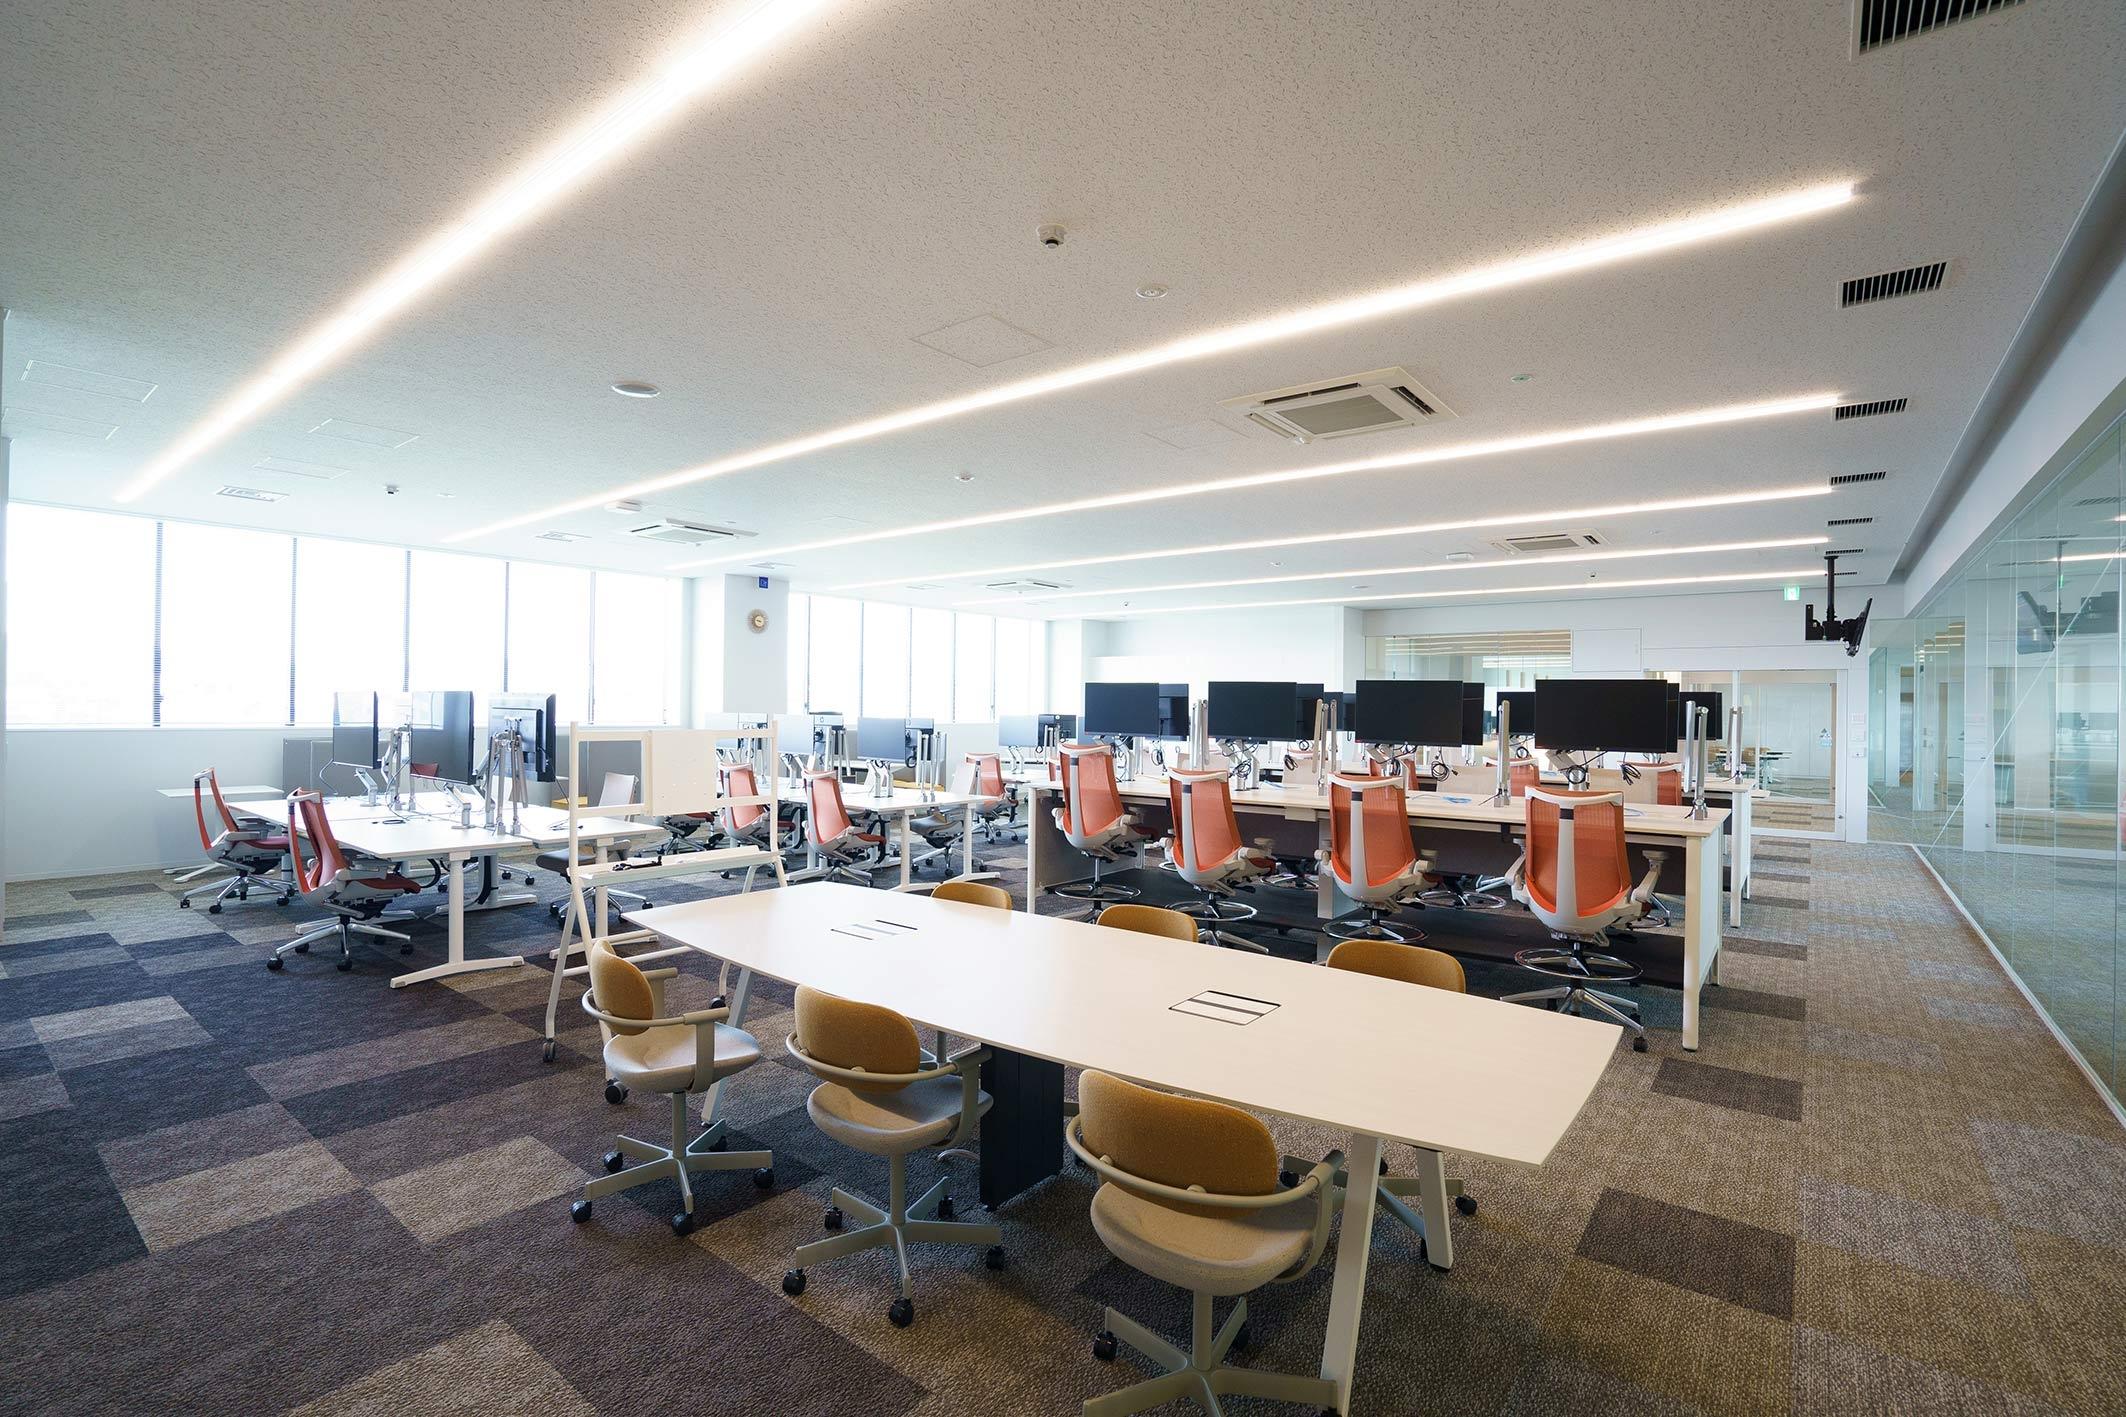 ブラウン系でまとめた2階の実証室。「対話」をテーマにデスクを構成している(写真:三菱電機)